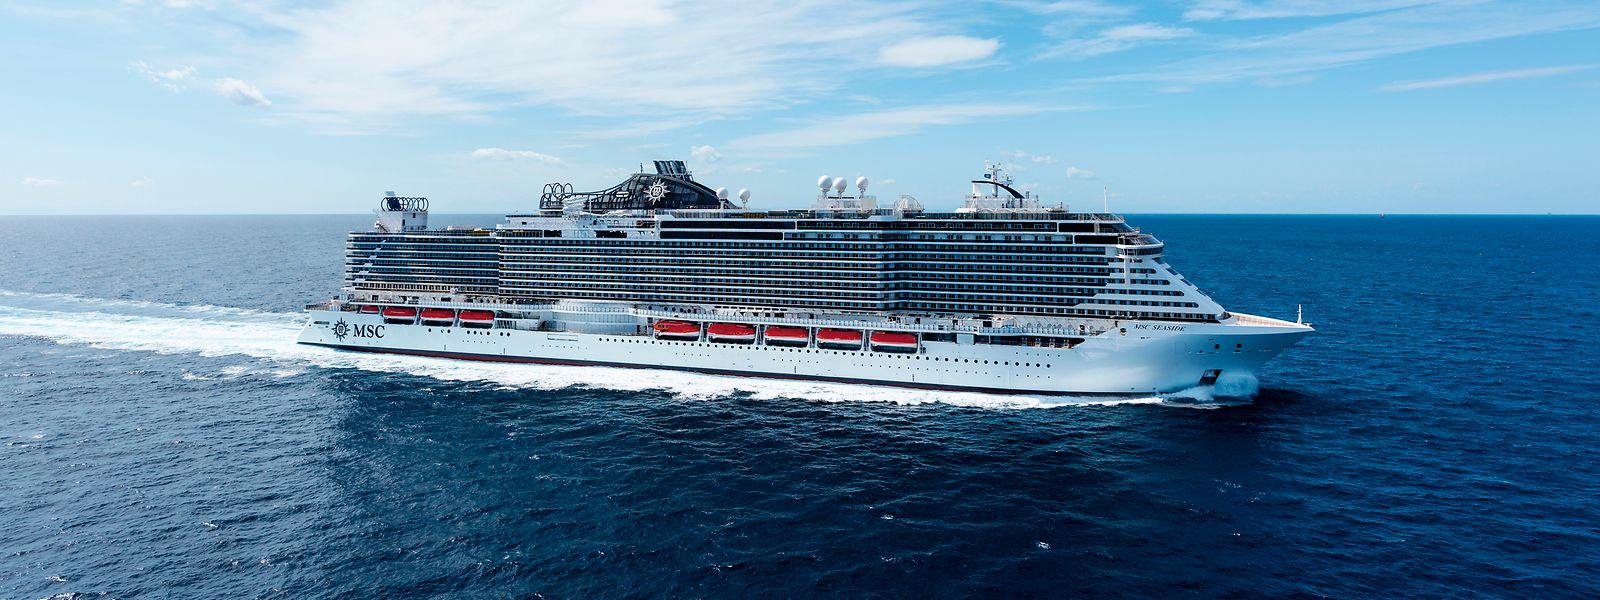 Ein wenig mehr Freiraum als sonst: Eigentlich bietet die 323 Meter lange MSC Seaside Platz für rund 5.000 Passagiere, doch coronabedingt werden nur 70 Prozent der Kabinen belegt.